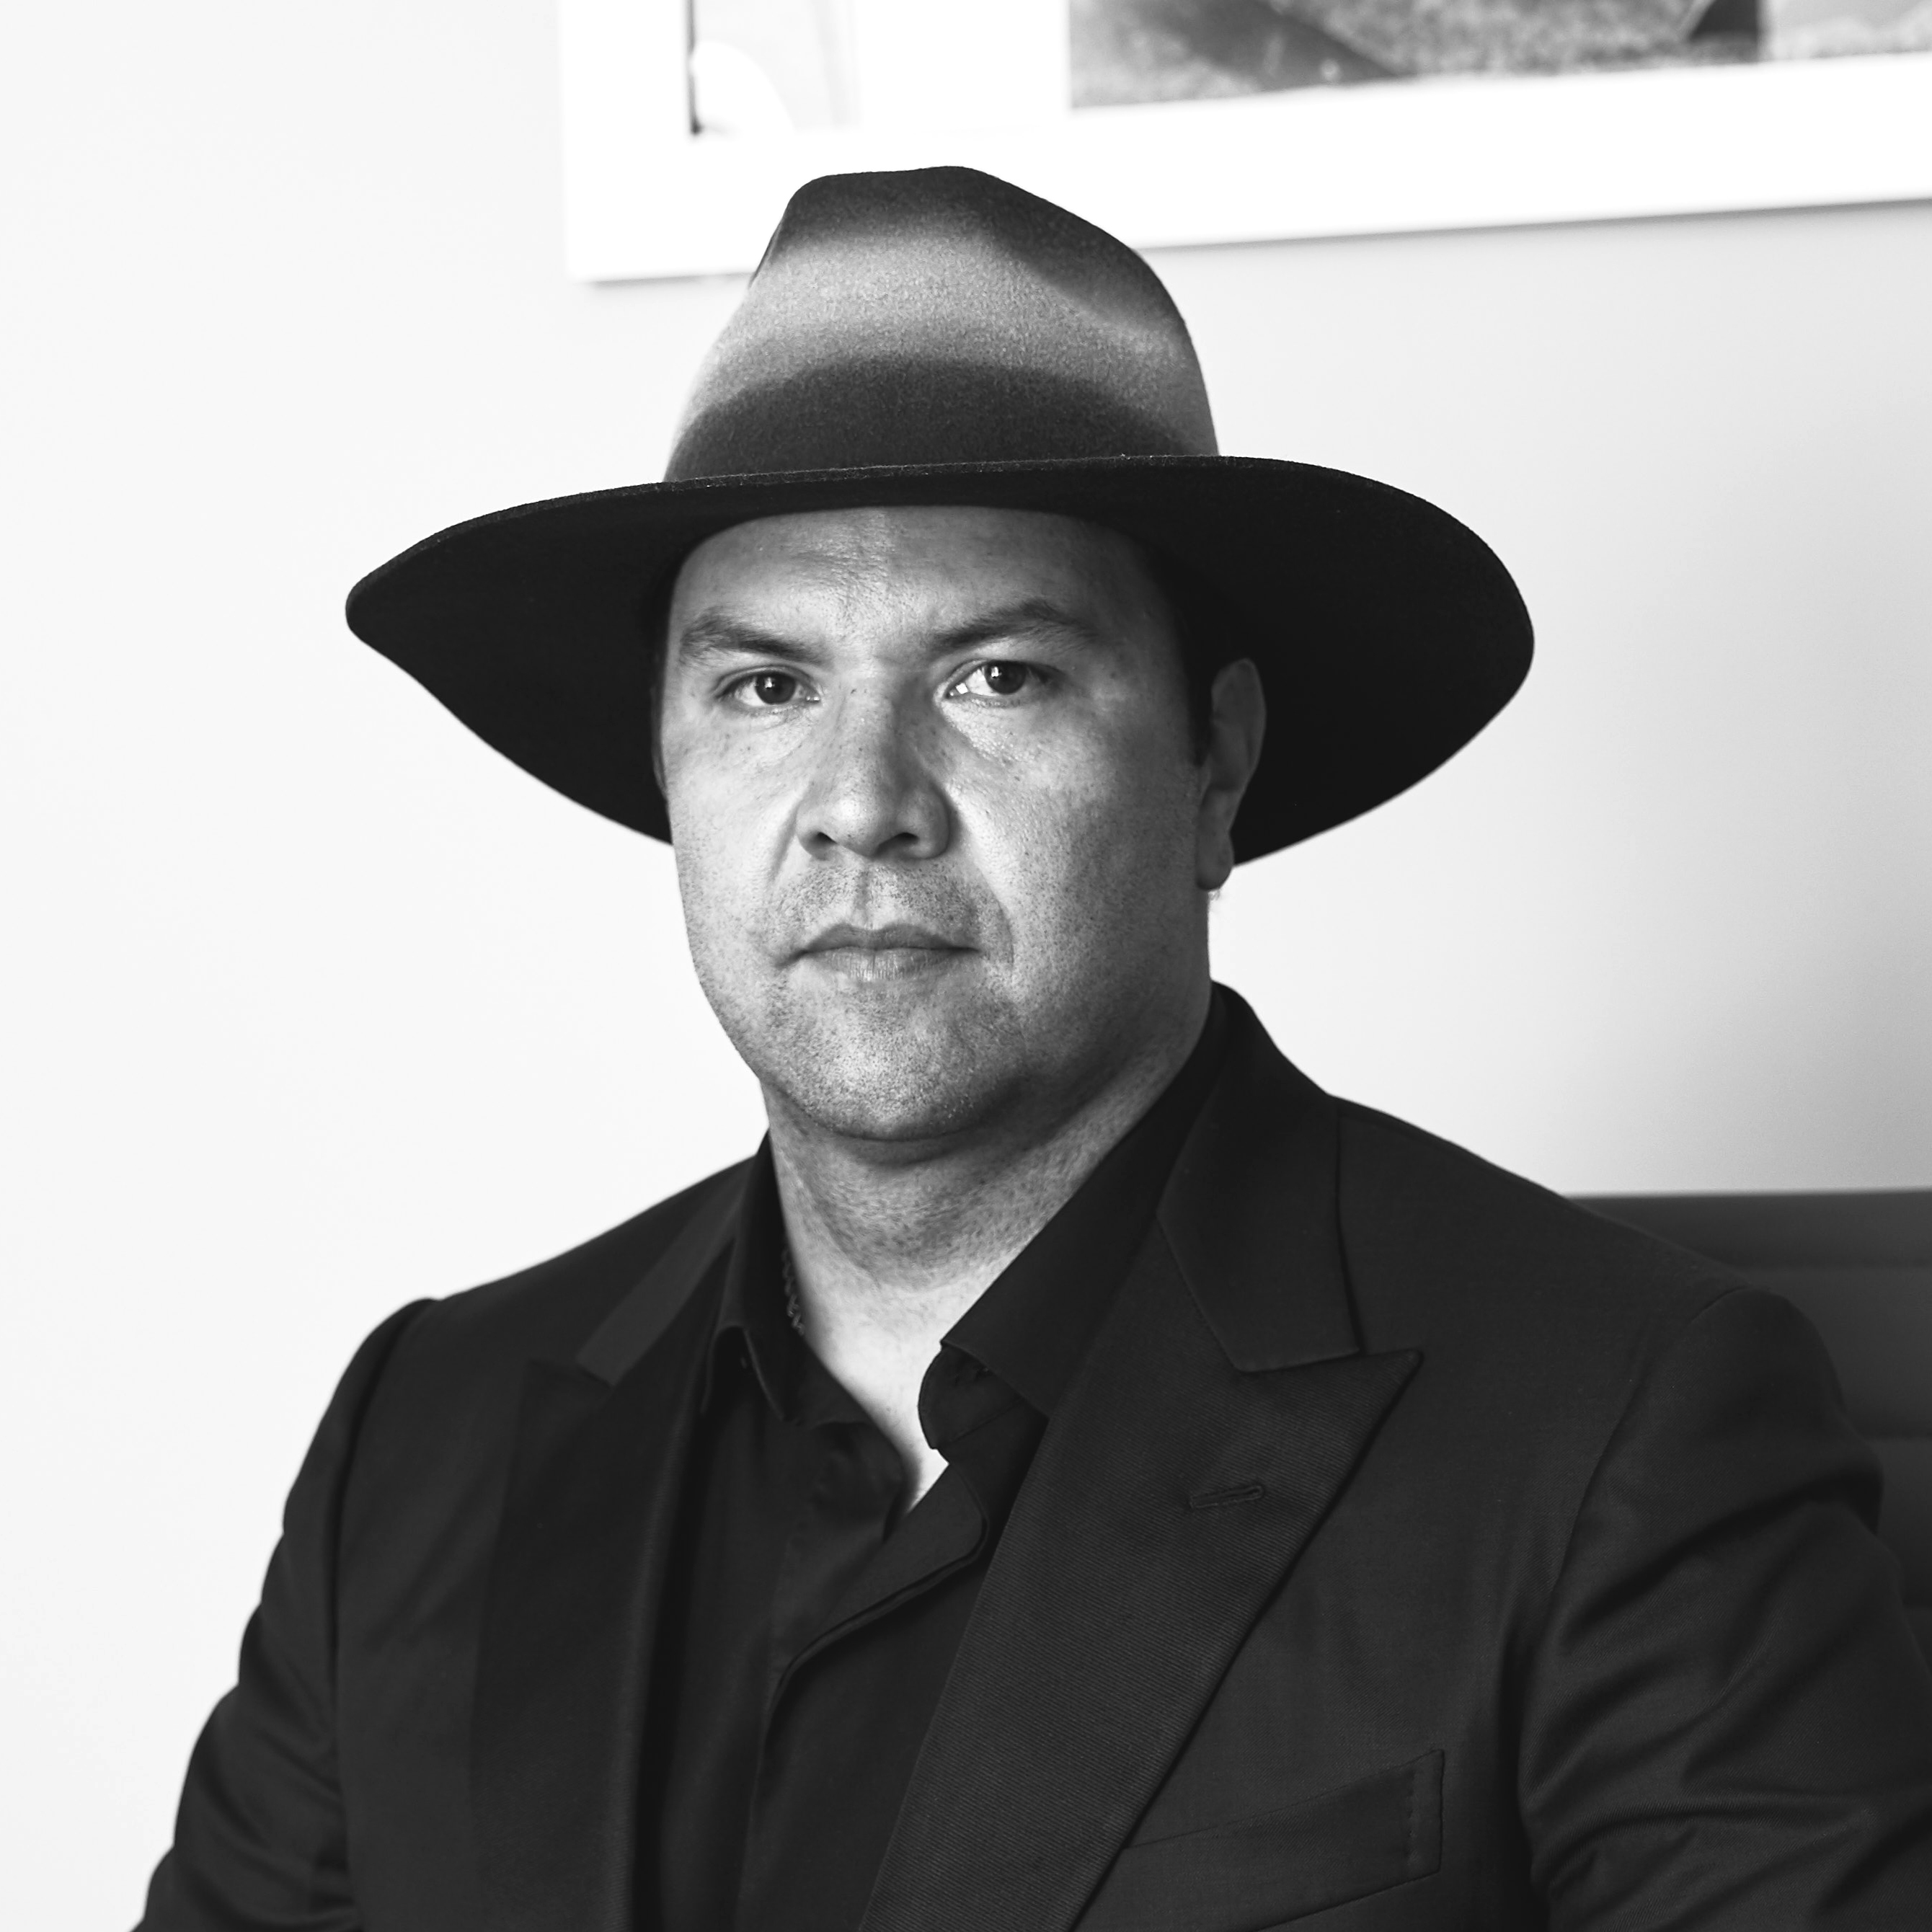 Mario Guzman